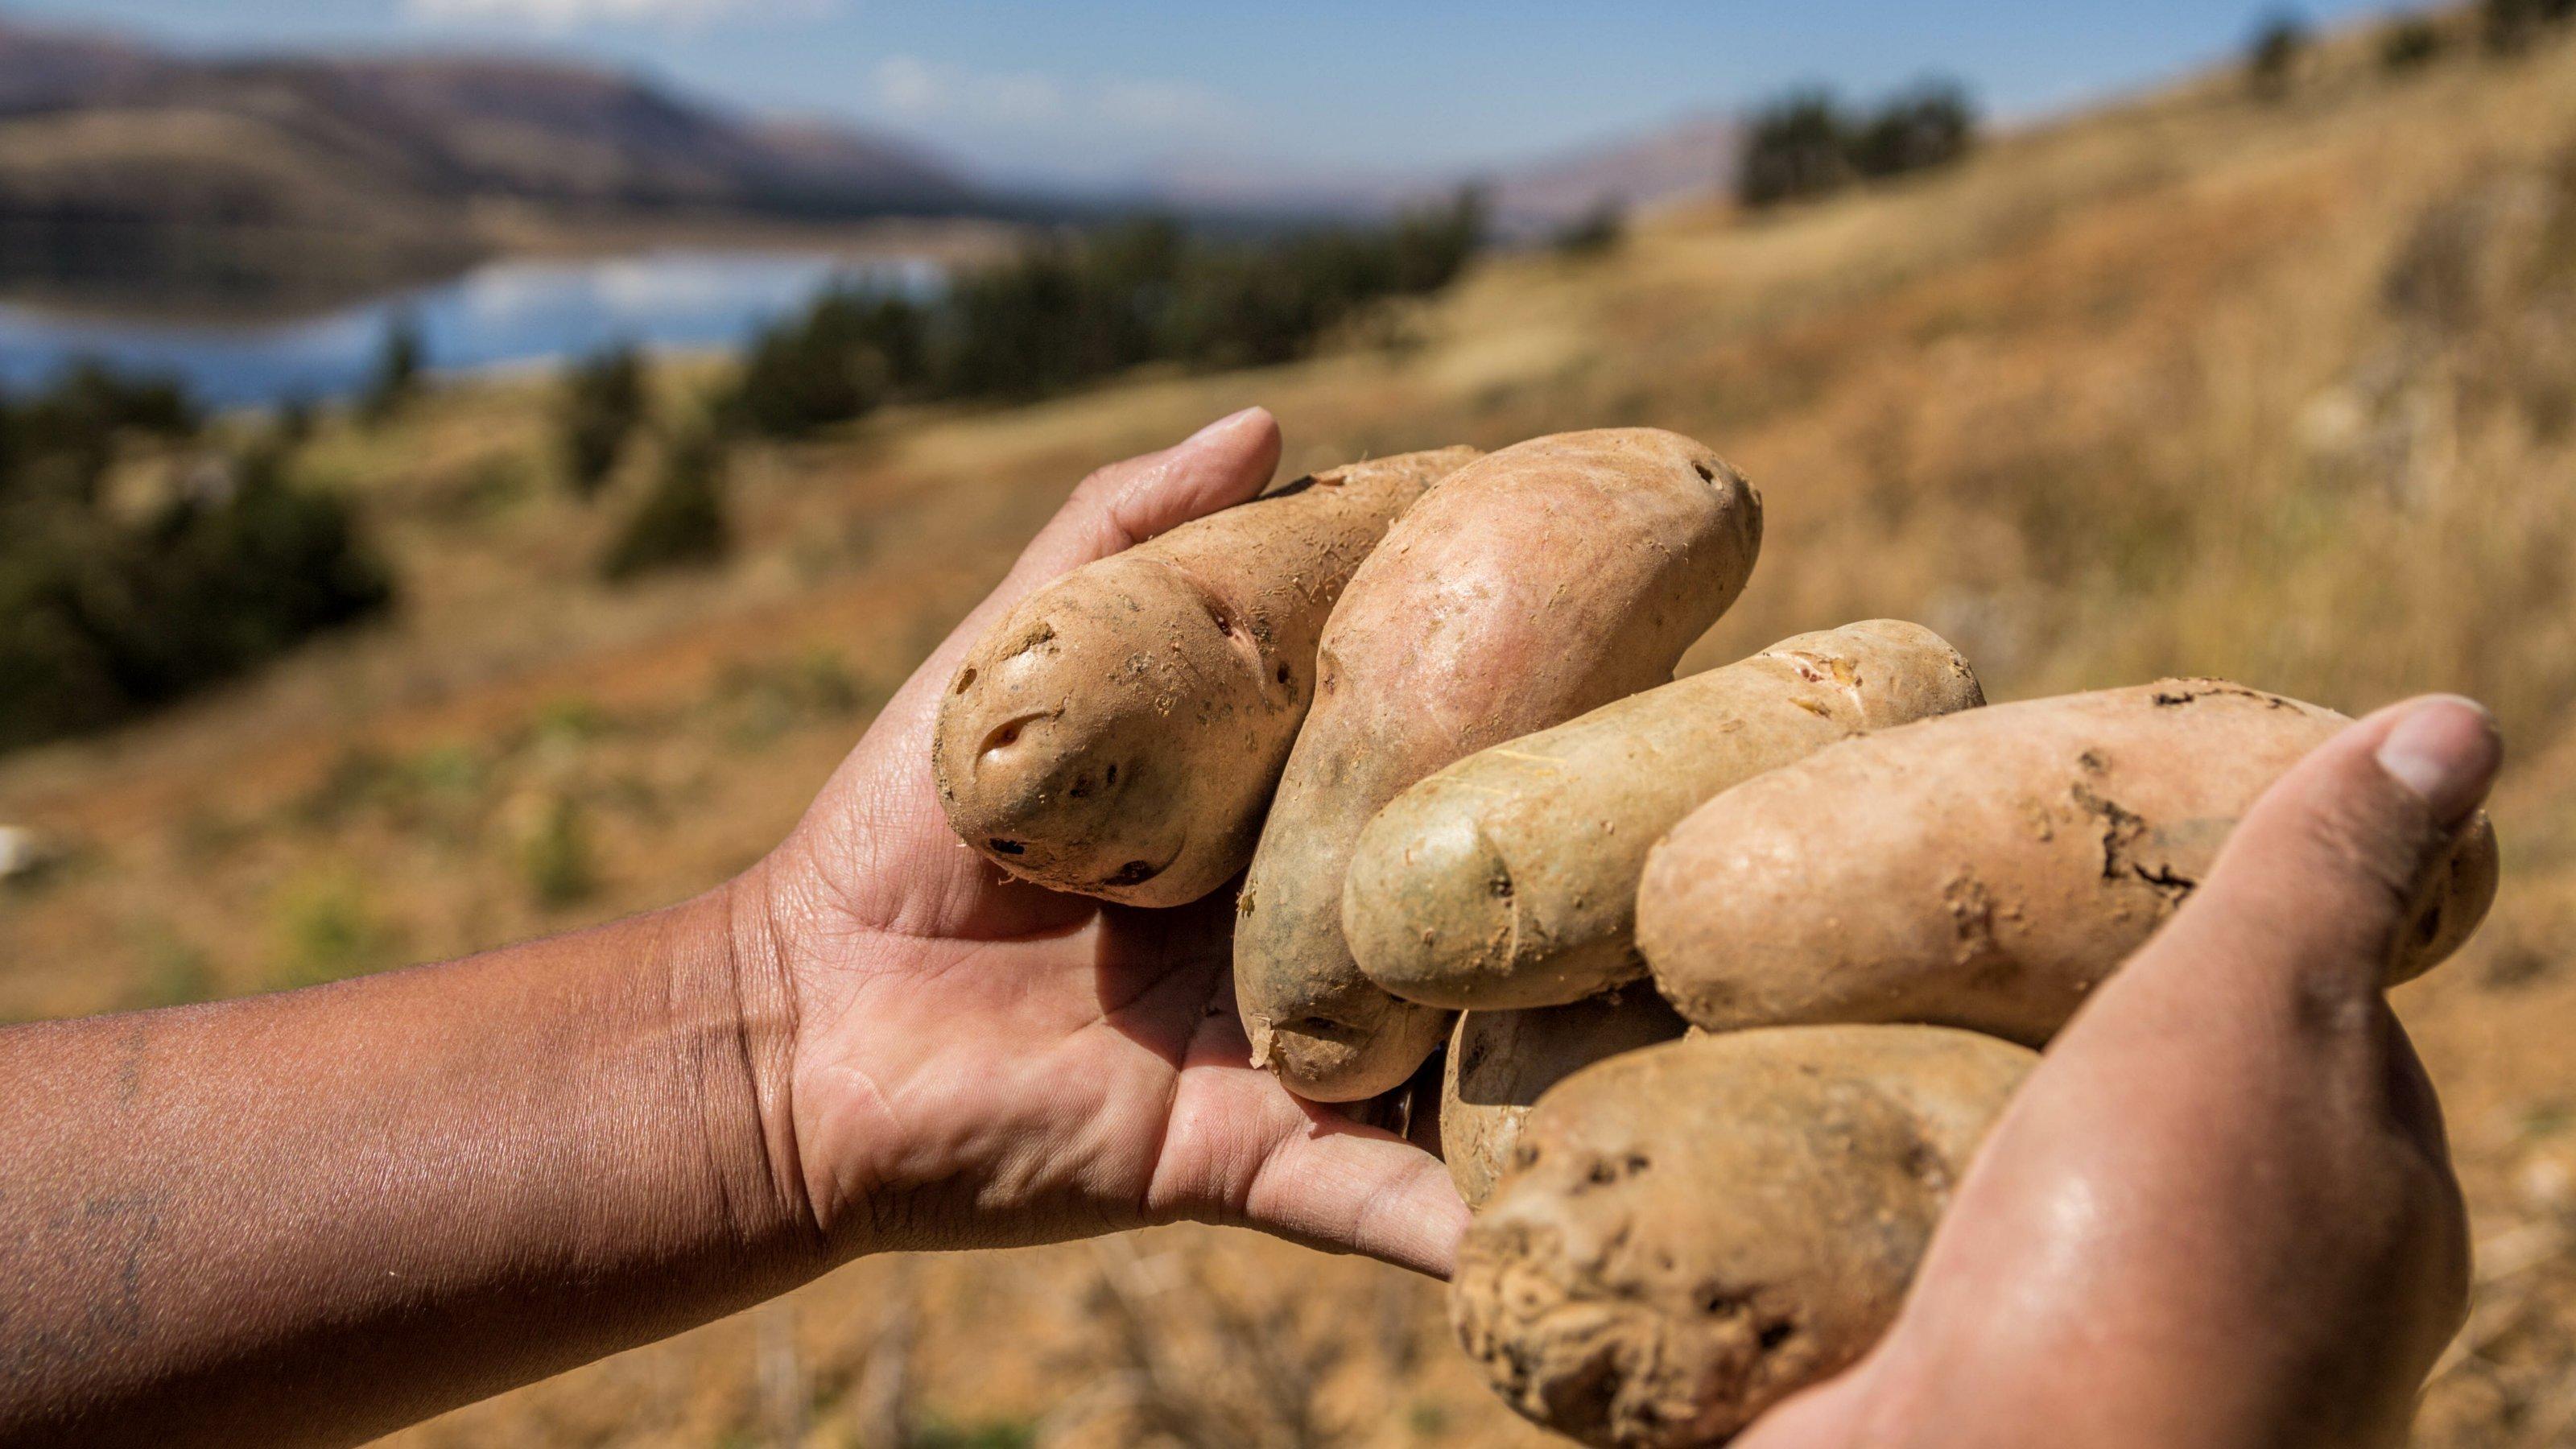 Zwei Hände halten sechs saubere, längliche, große Kartoffeln. Im Hintergrund sieht man Berglandschaft und einen See.